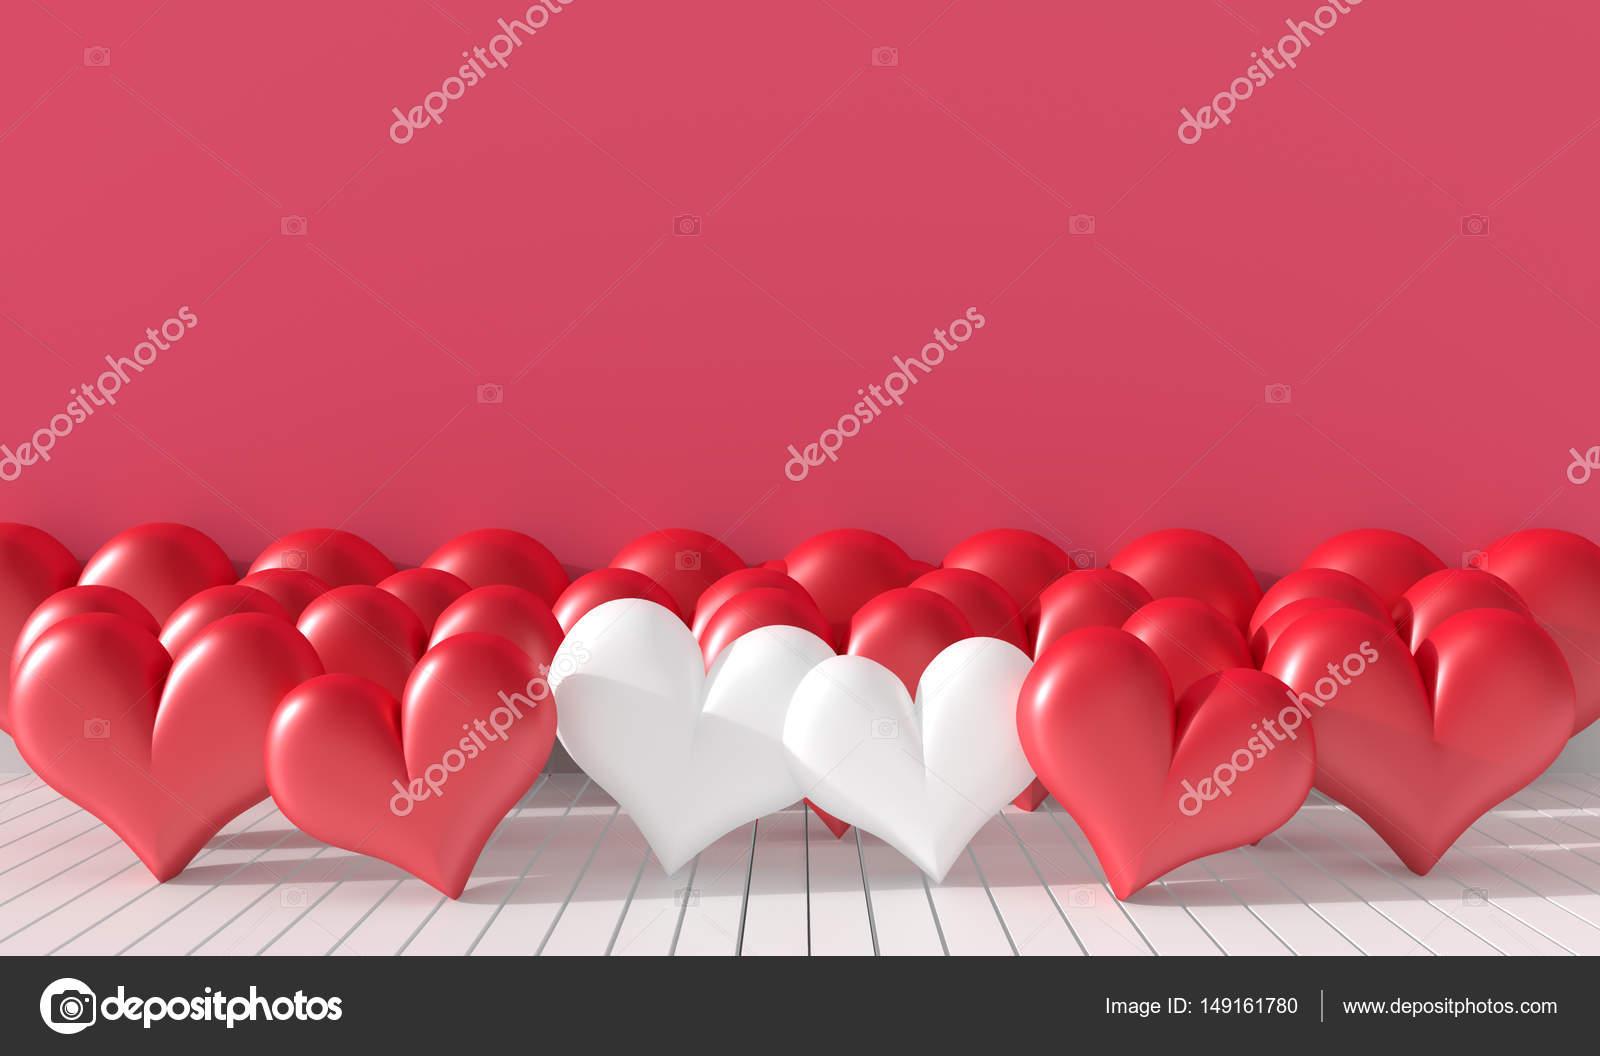 Zwei Weiße Und Viele Rote Herz Im Raum. Die Wände Sind Mit Rosa Leuchtenden  Farben Dekoriert. Zimmer Der Liebe Am Valentinstag. Hintergrund Und  Interieur.